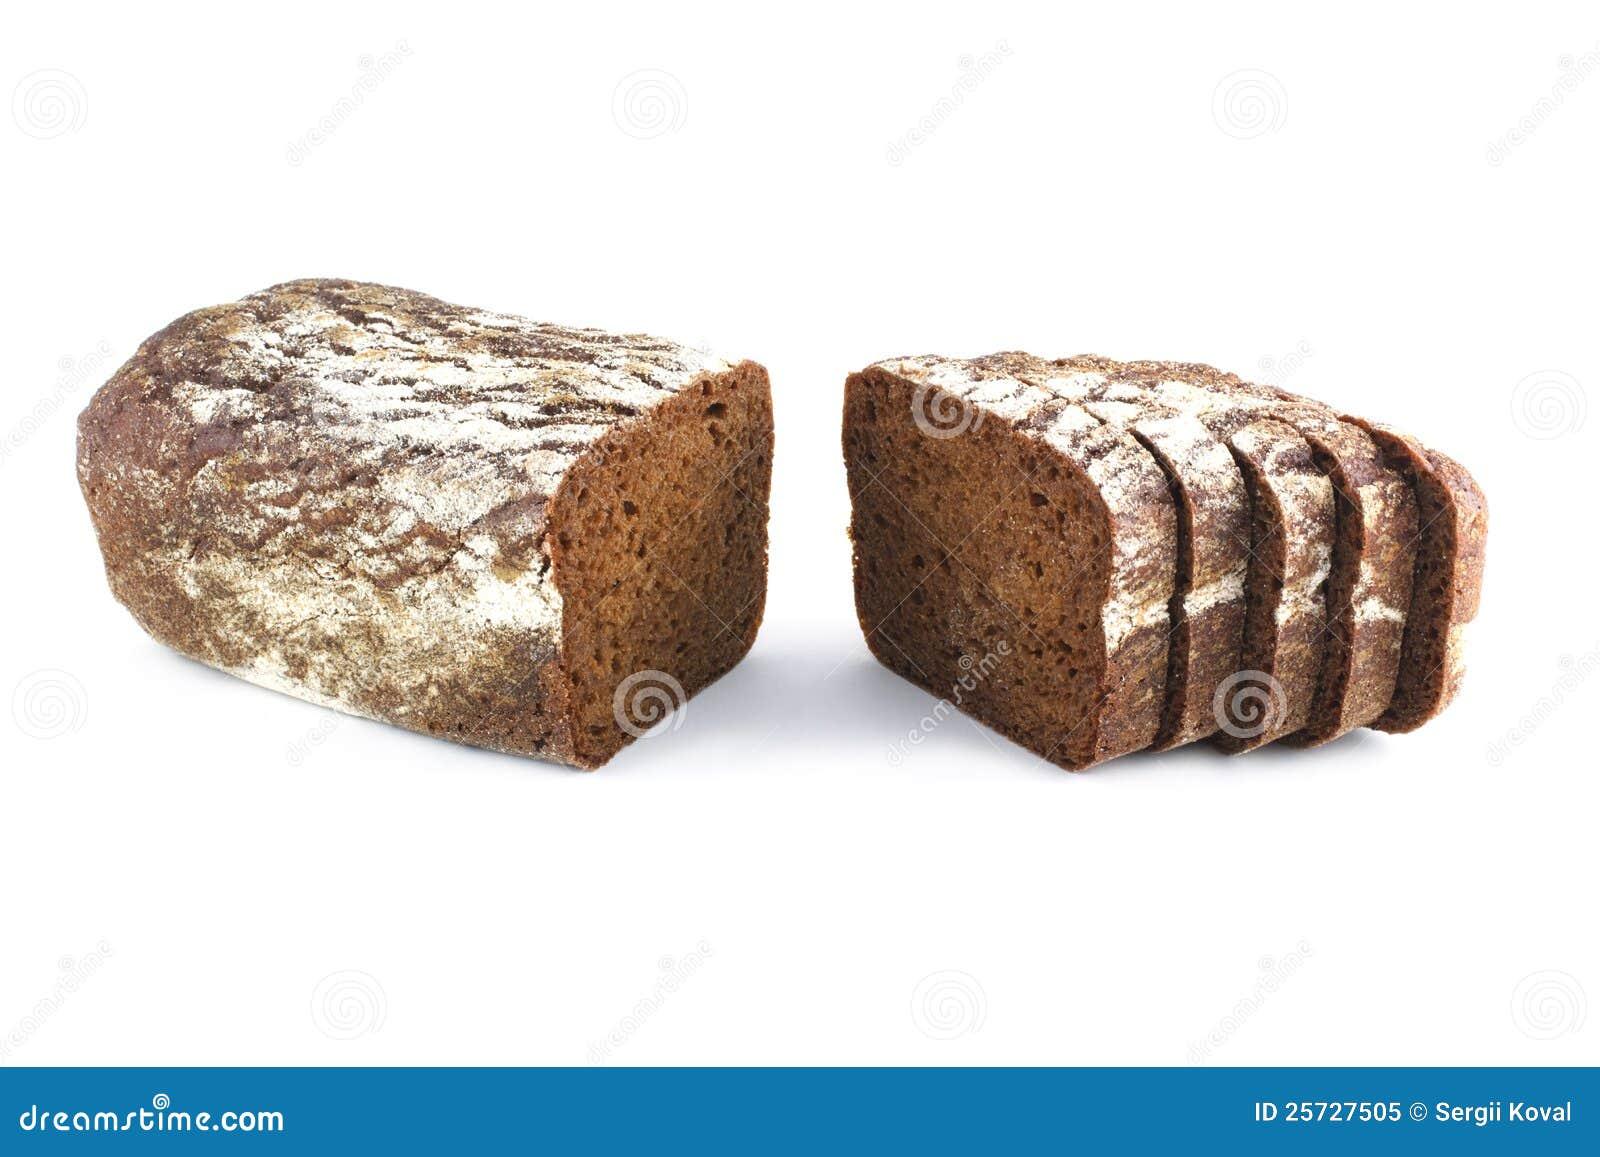 Bread is cut